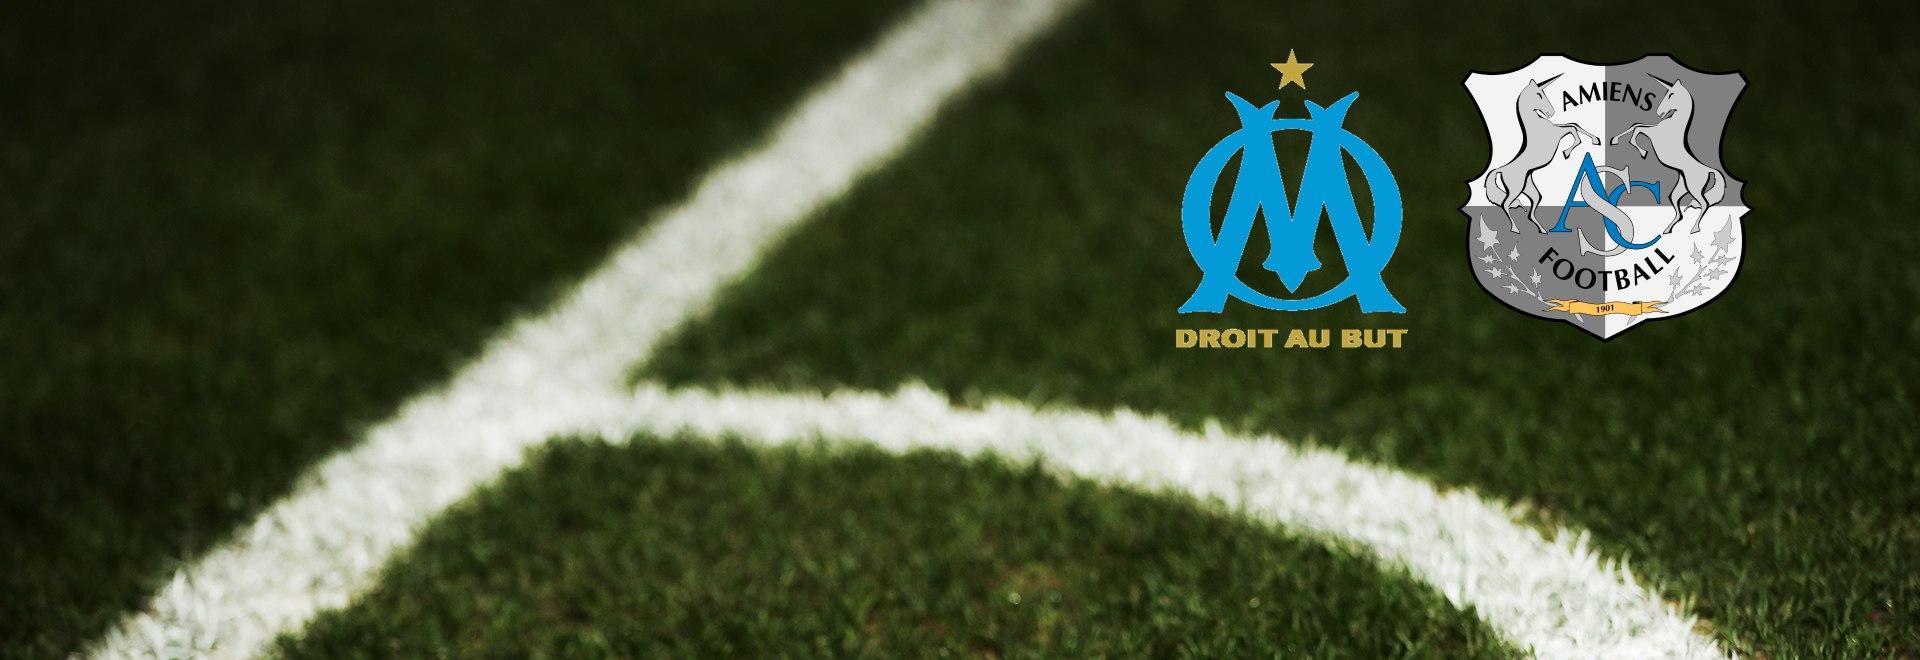 Marsiglia - Amiens SC. 28a g.